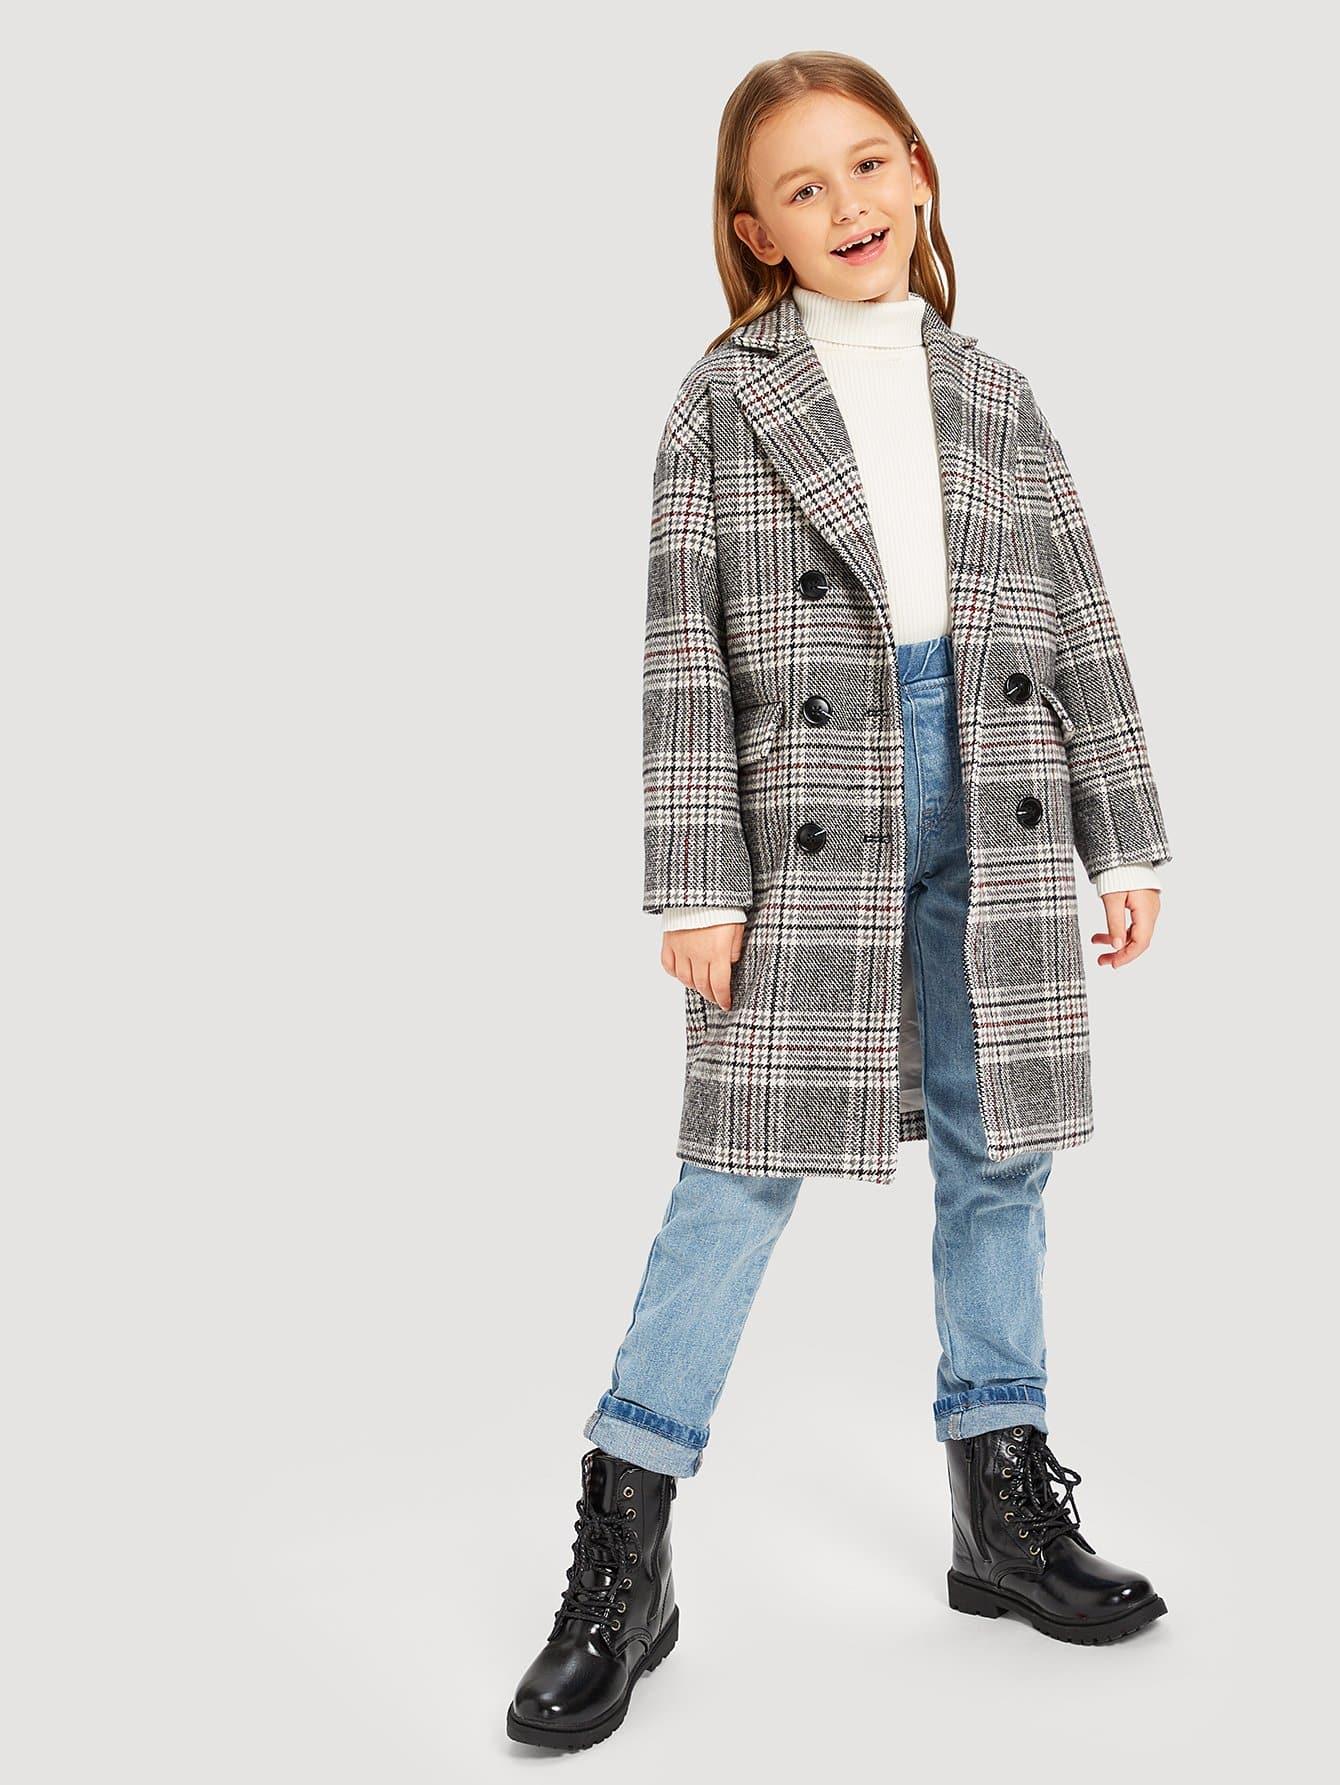 Купить Двубортное пальто в клетку и с карманами для девочки, Sashab, SheIn